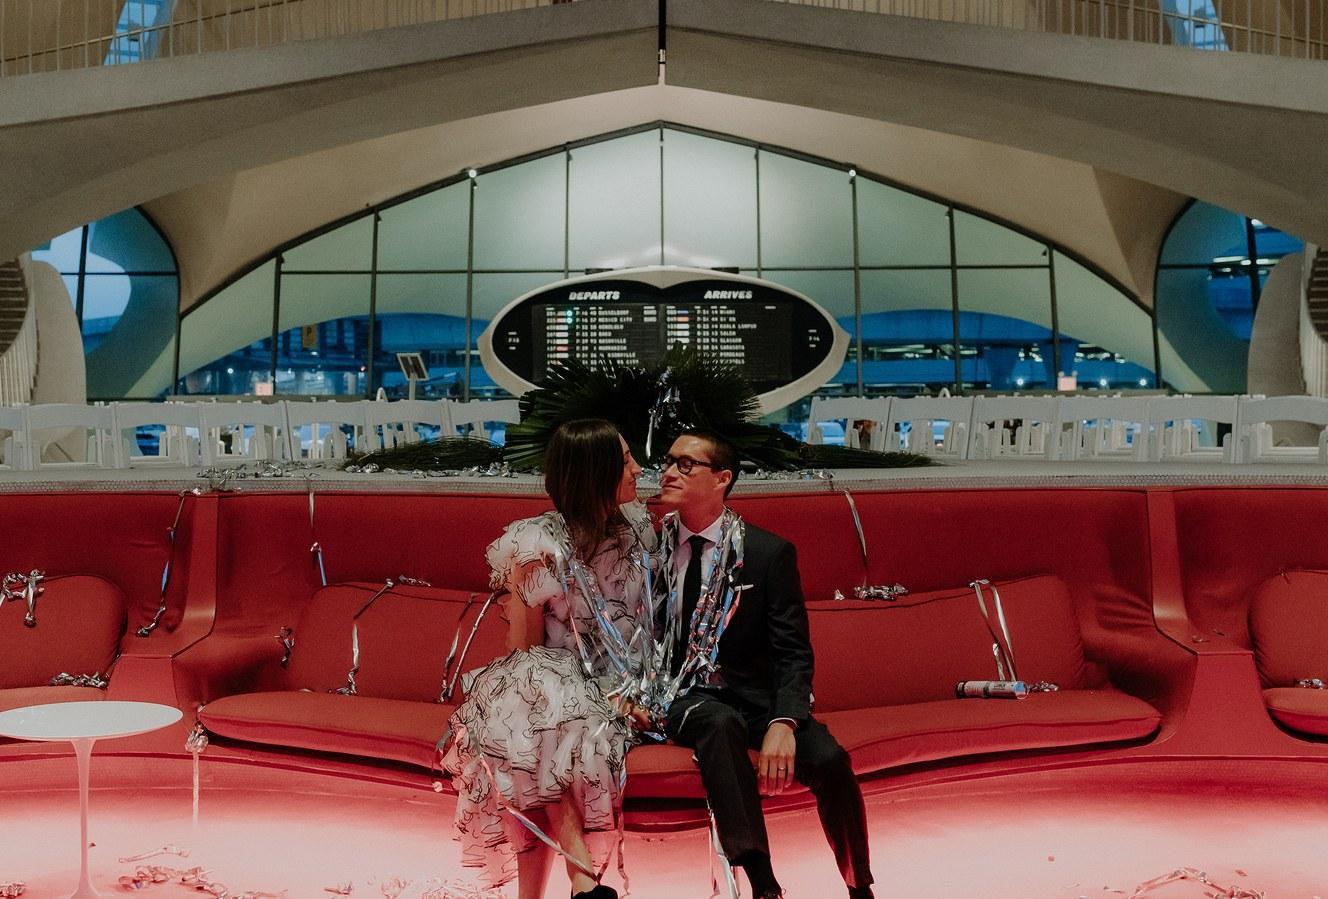 Upoznali su se na aerodromu pa se tamo i vjenčali: 'Pretvorili smo avion u mali disko i plesali do jutra'